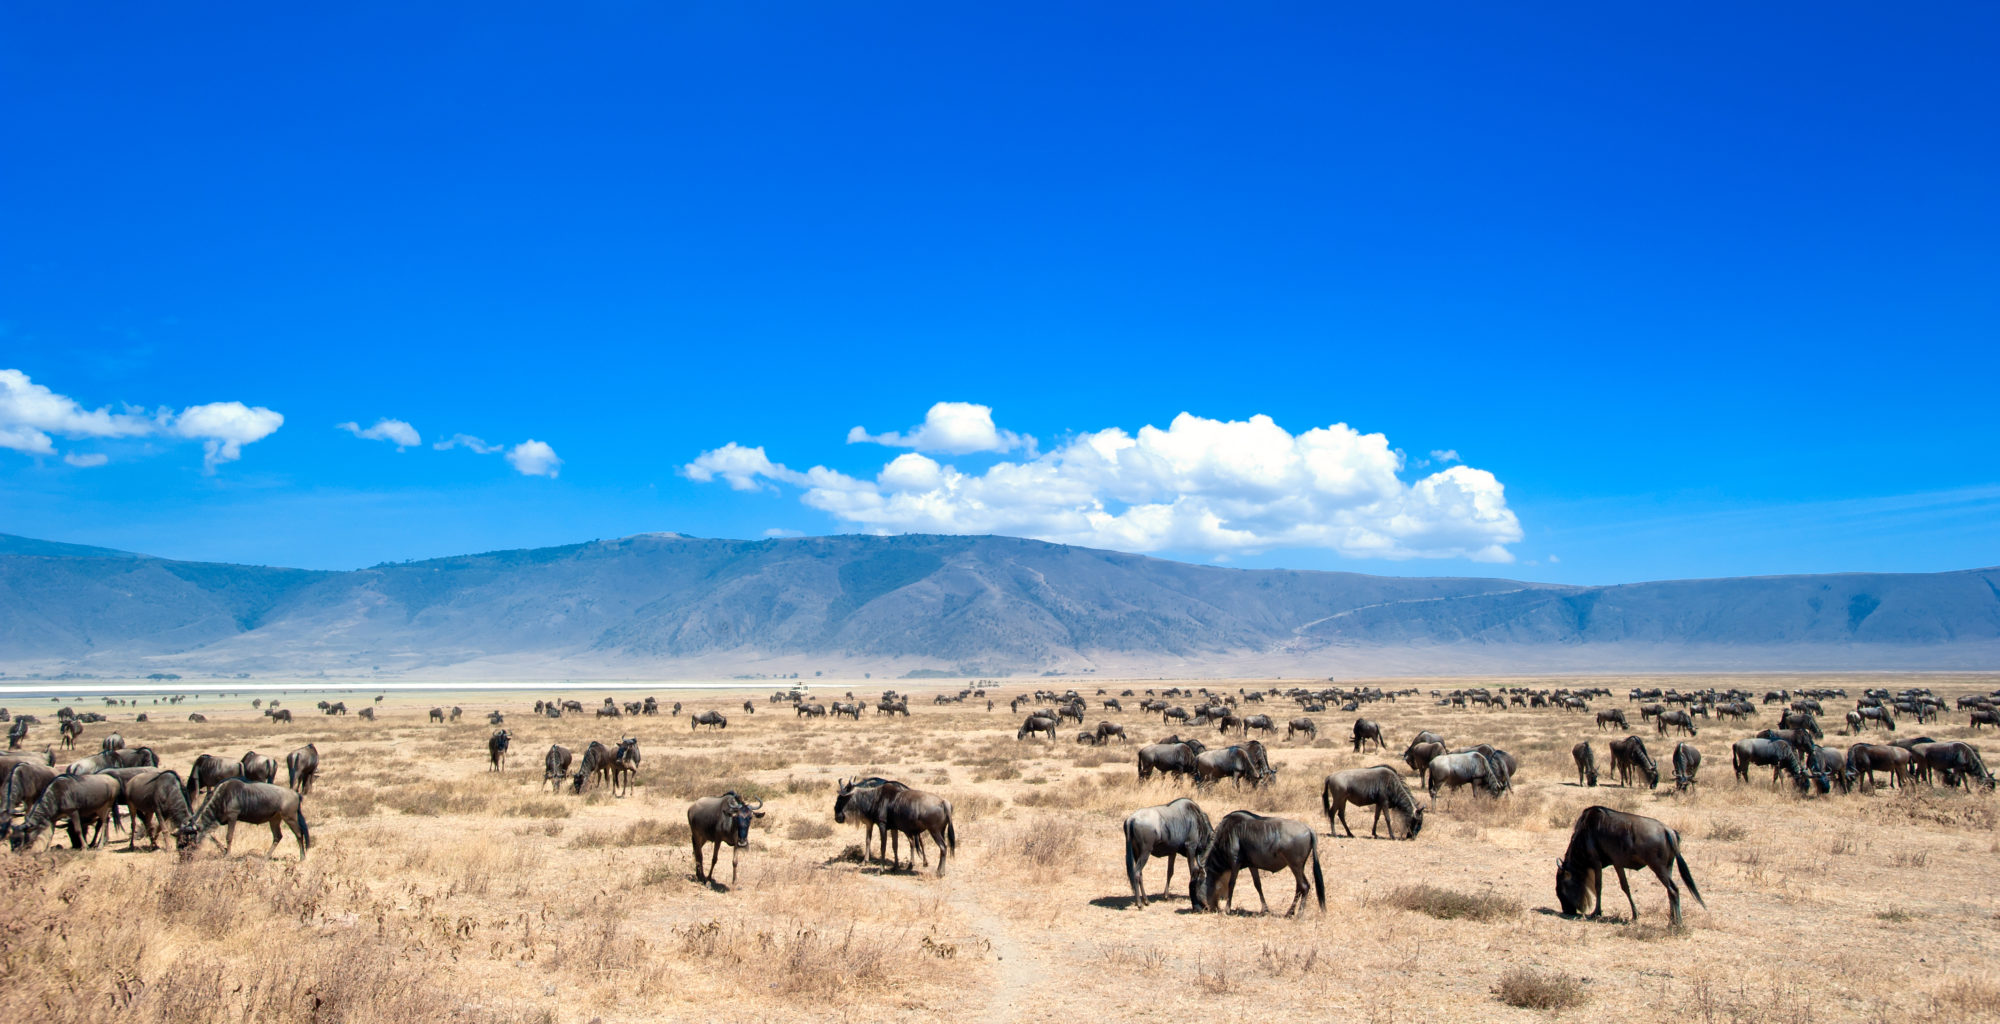 Tanzania-Ngorongoro-Crater-Wildlife